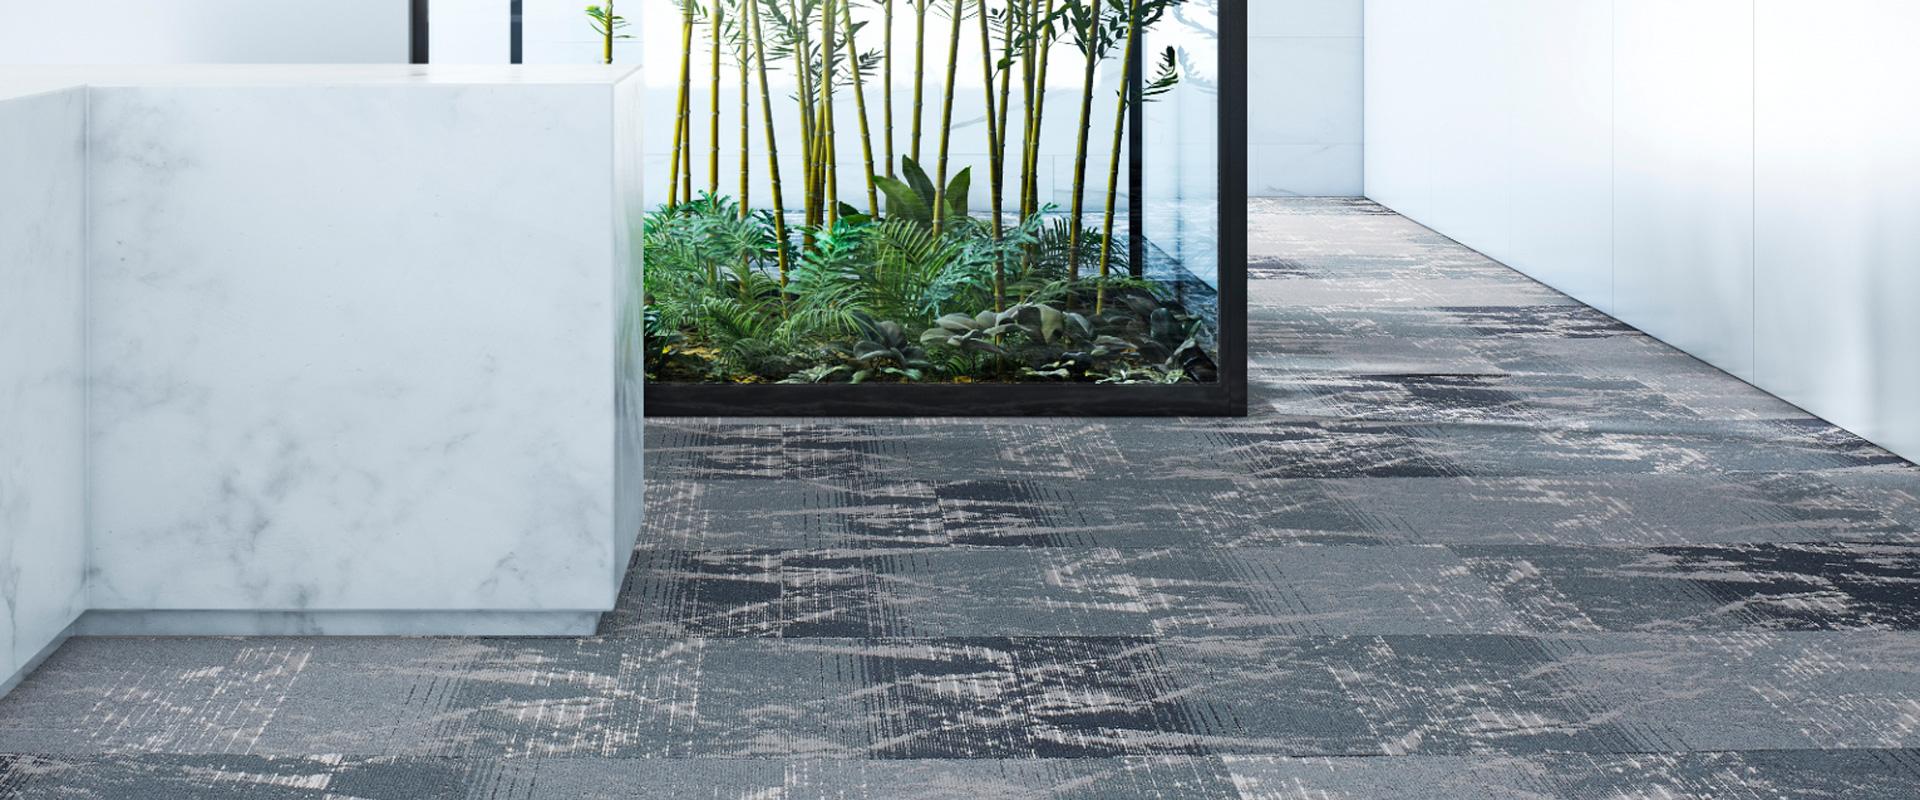 Voordelen van tapijttegels